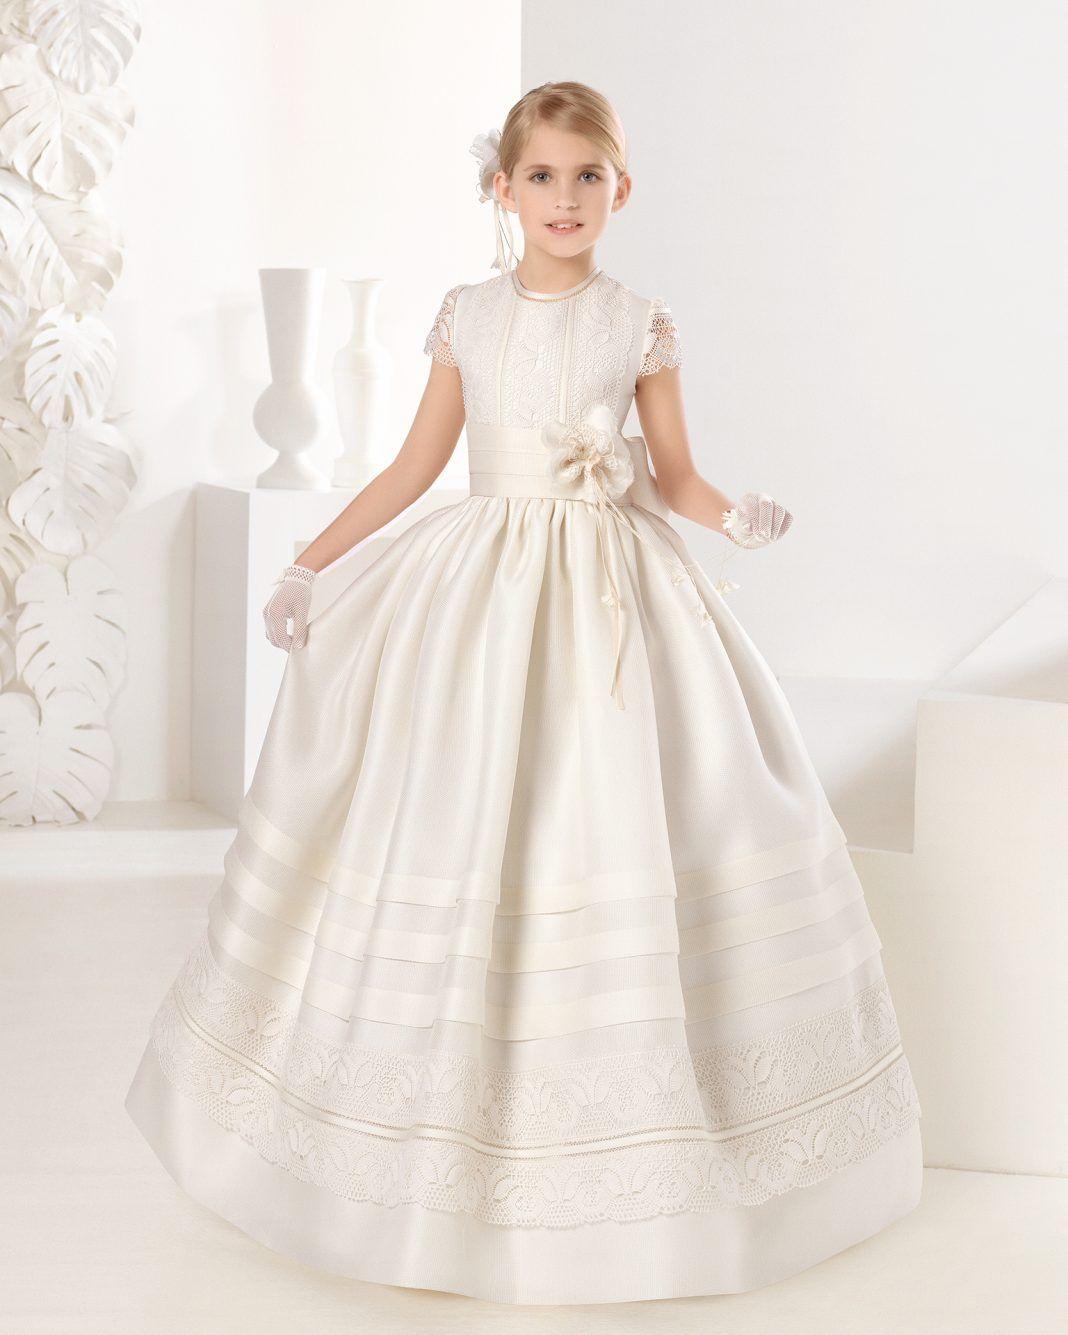 Rosa Clará Colección Vestidos Comunión - Mepoca 704c0b5ea38f